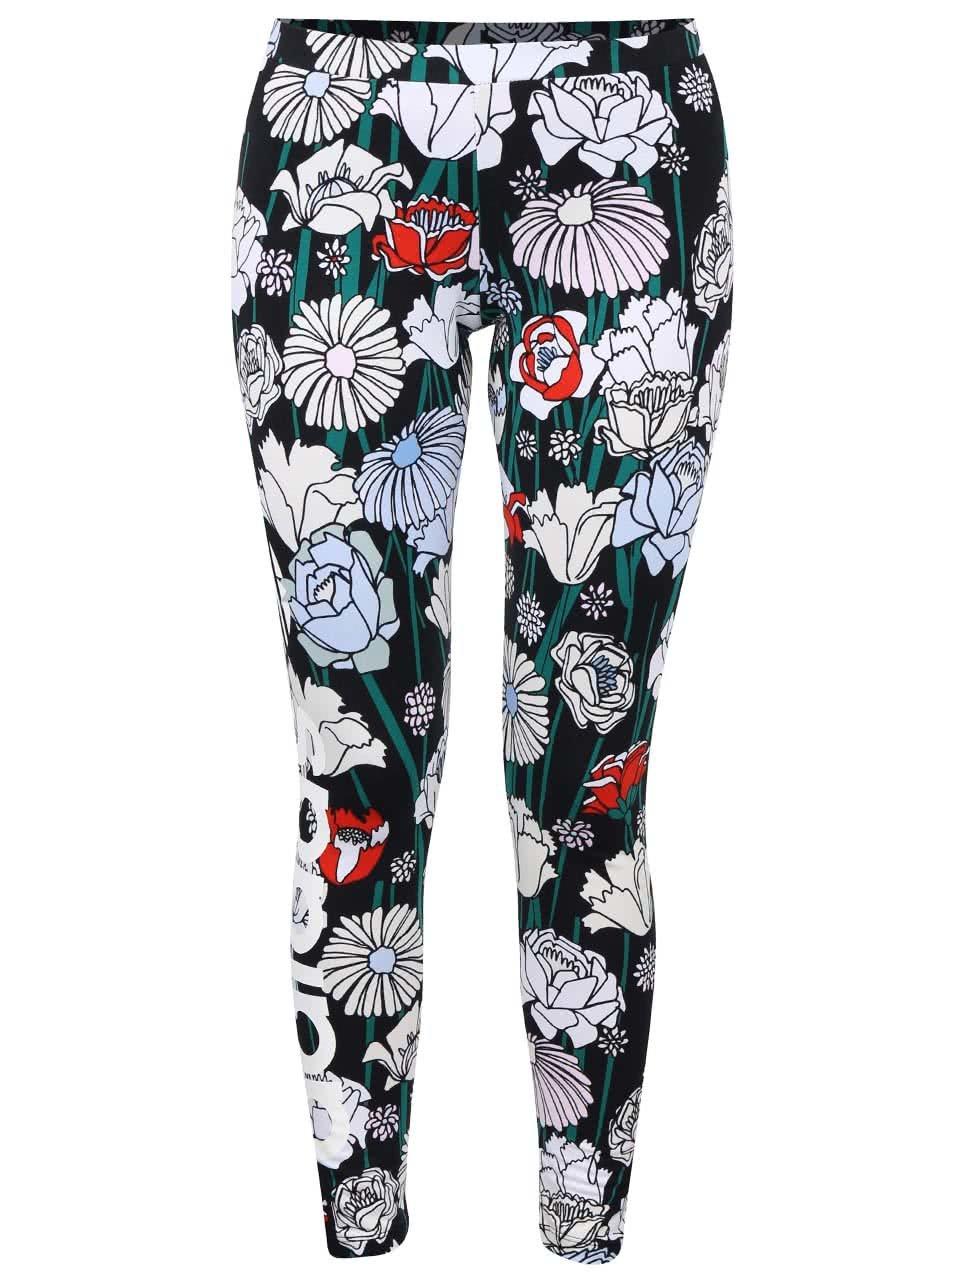 Černé dámské legíny s barevnými květy adidas Originals Linear ŽENY    Kalhoty 2541cdc567